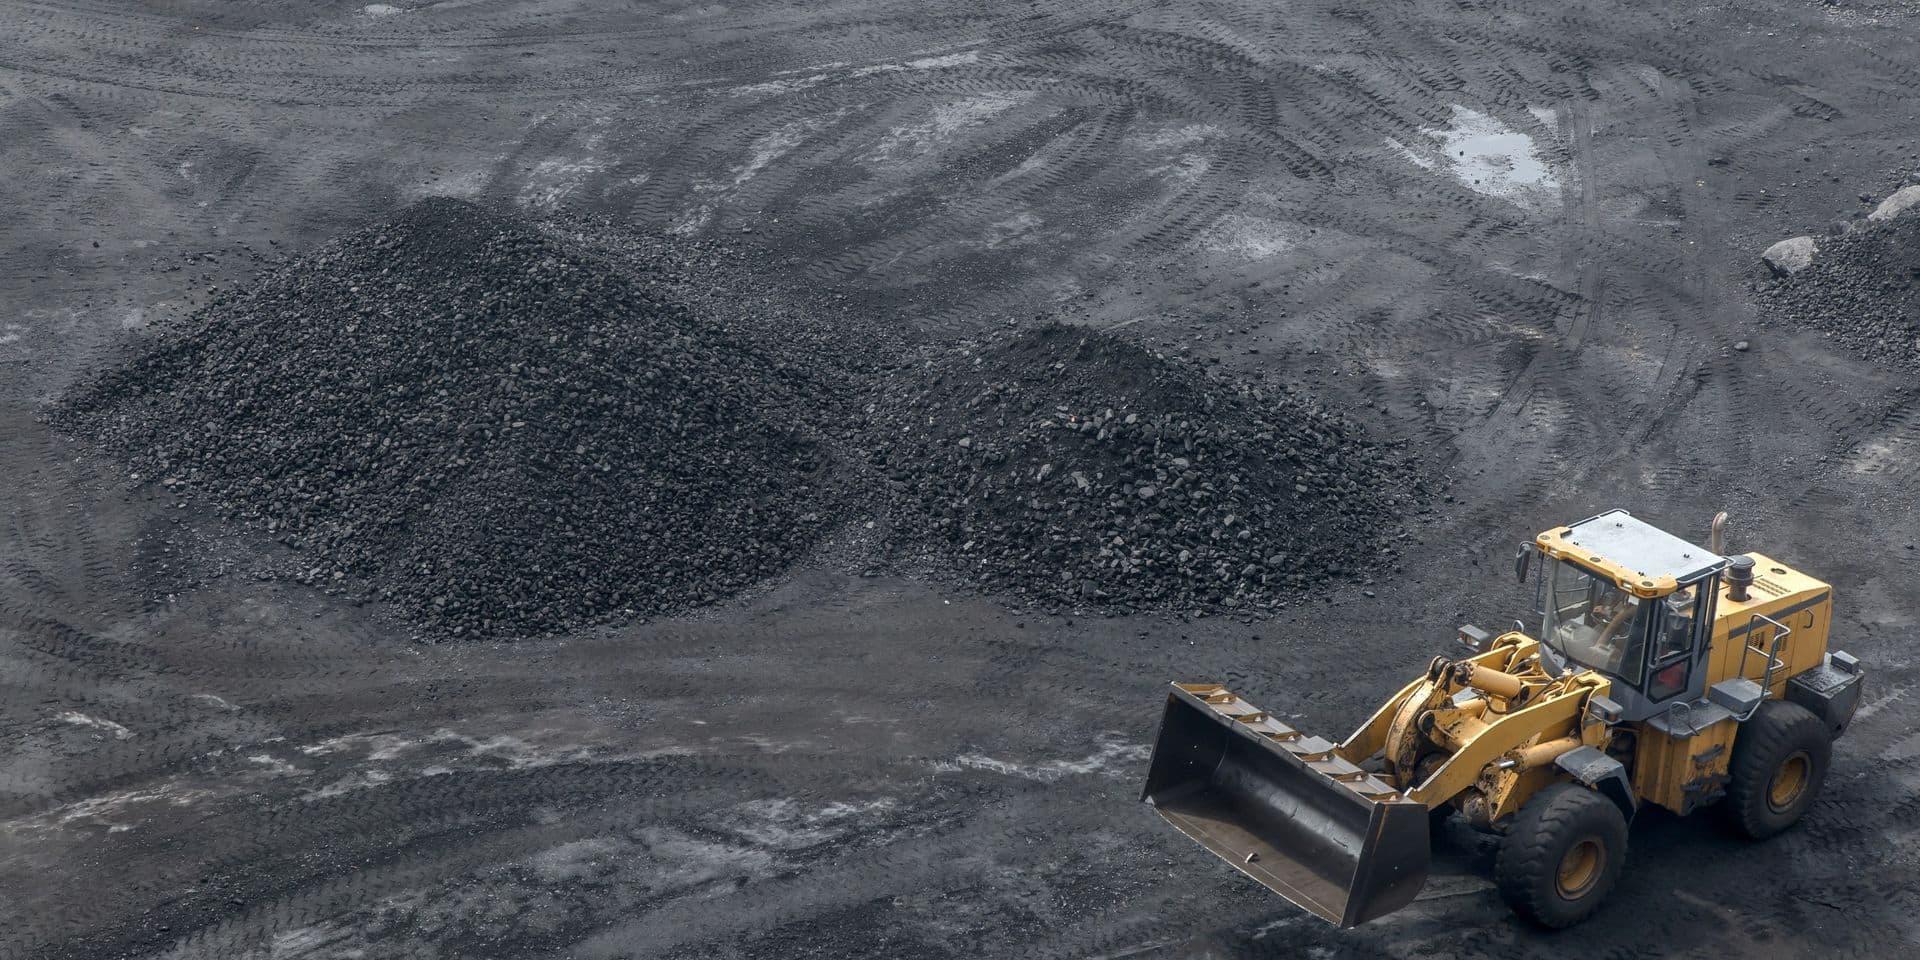 Le secteur du charbon, l'un des mauvais élèves systématiquement exclu des portefeuilles pour des investissements durables.